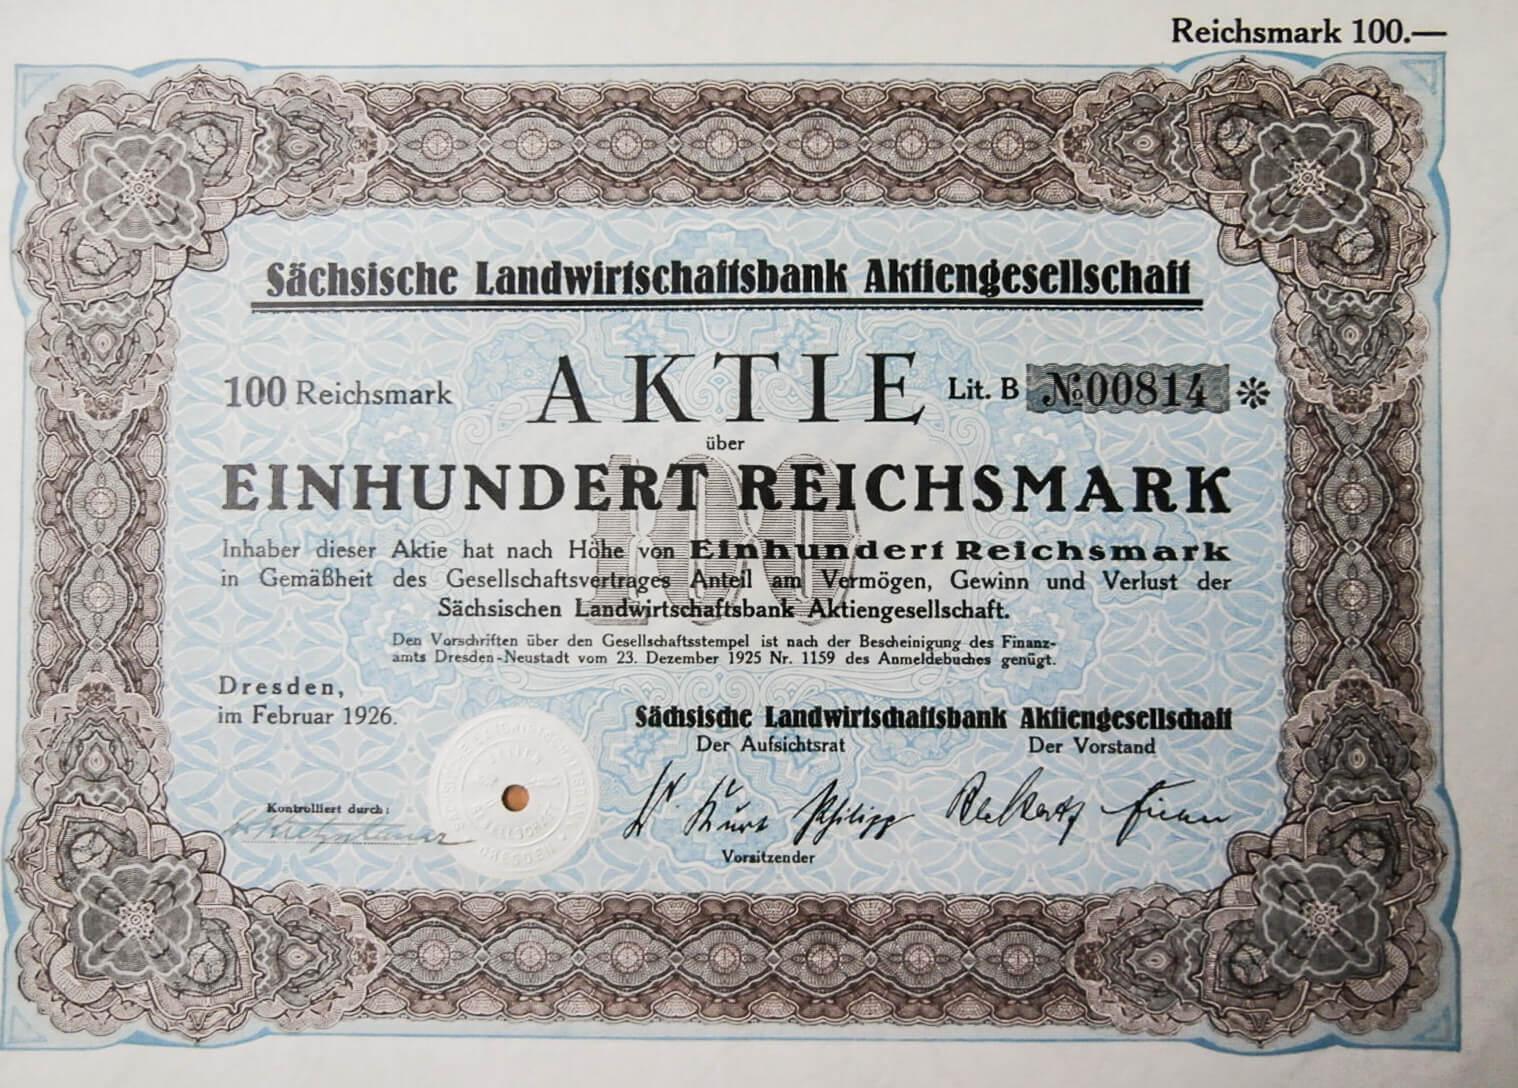 Sachsische LAndwirtschaaftsbank Aktiengesellschaft 1926 Aktie, régi német részvény, értékpapír,